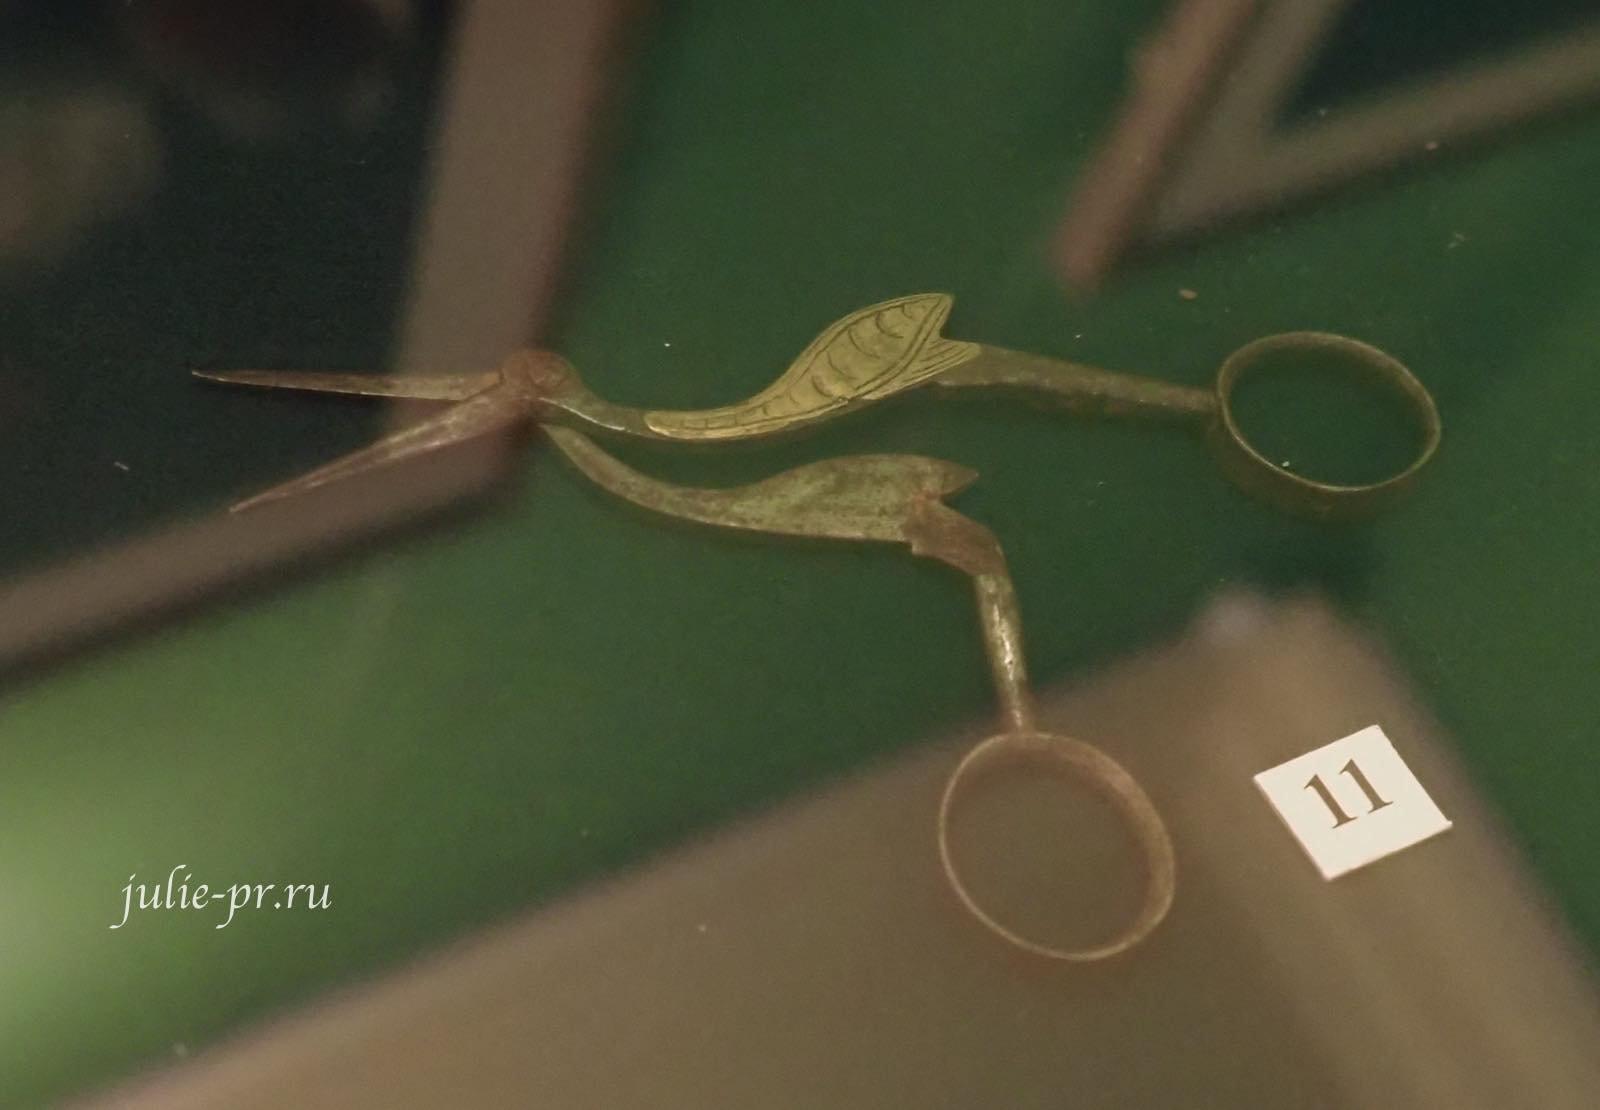 Цапельки, Зажим для придерживания золотой канители, чтобы избежать соприкосновения с пальцами, Россия, 2я половина XIX в.